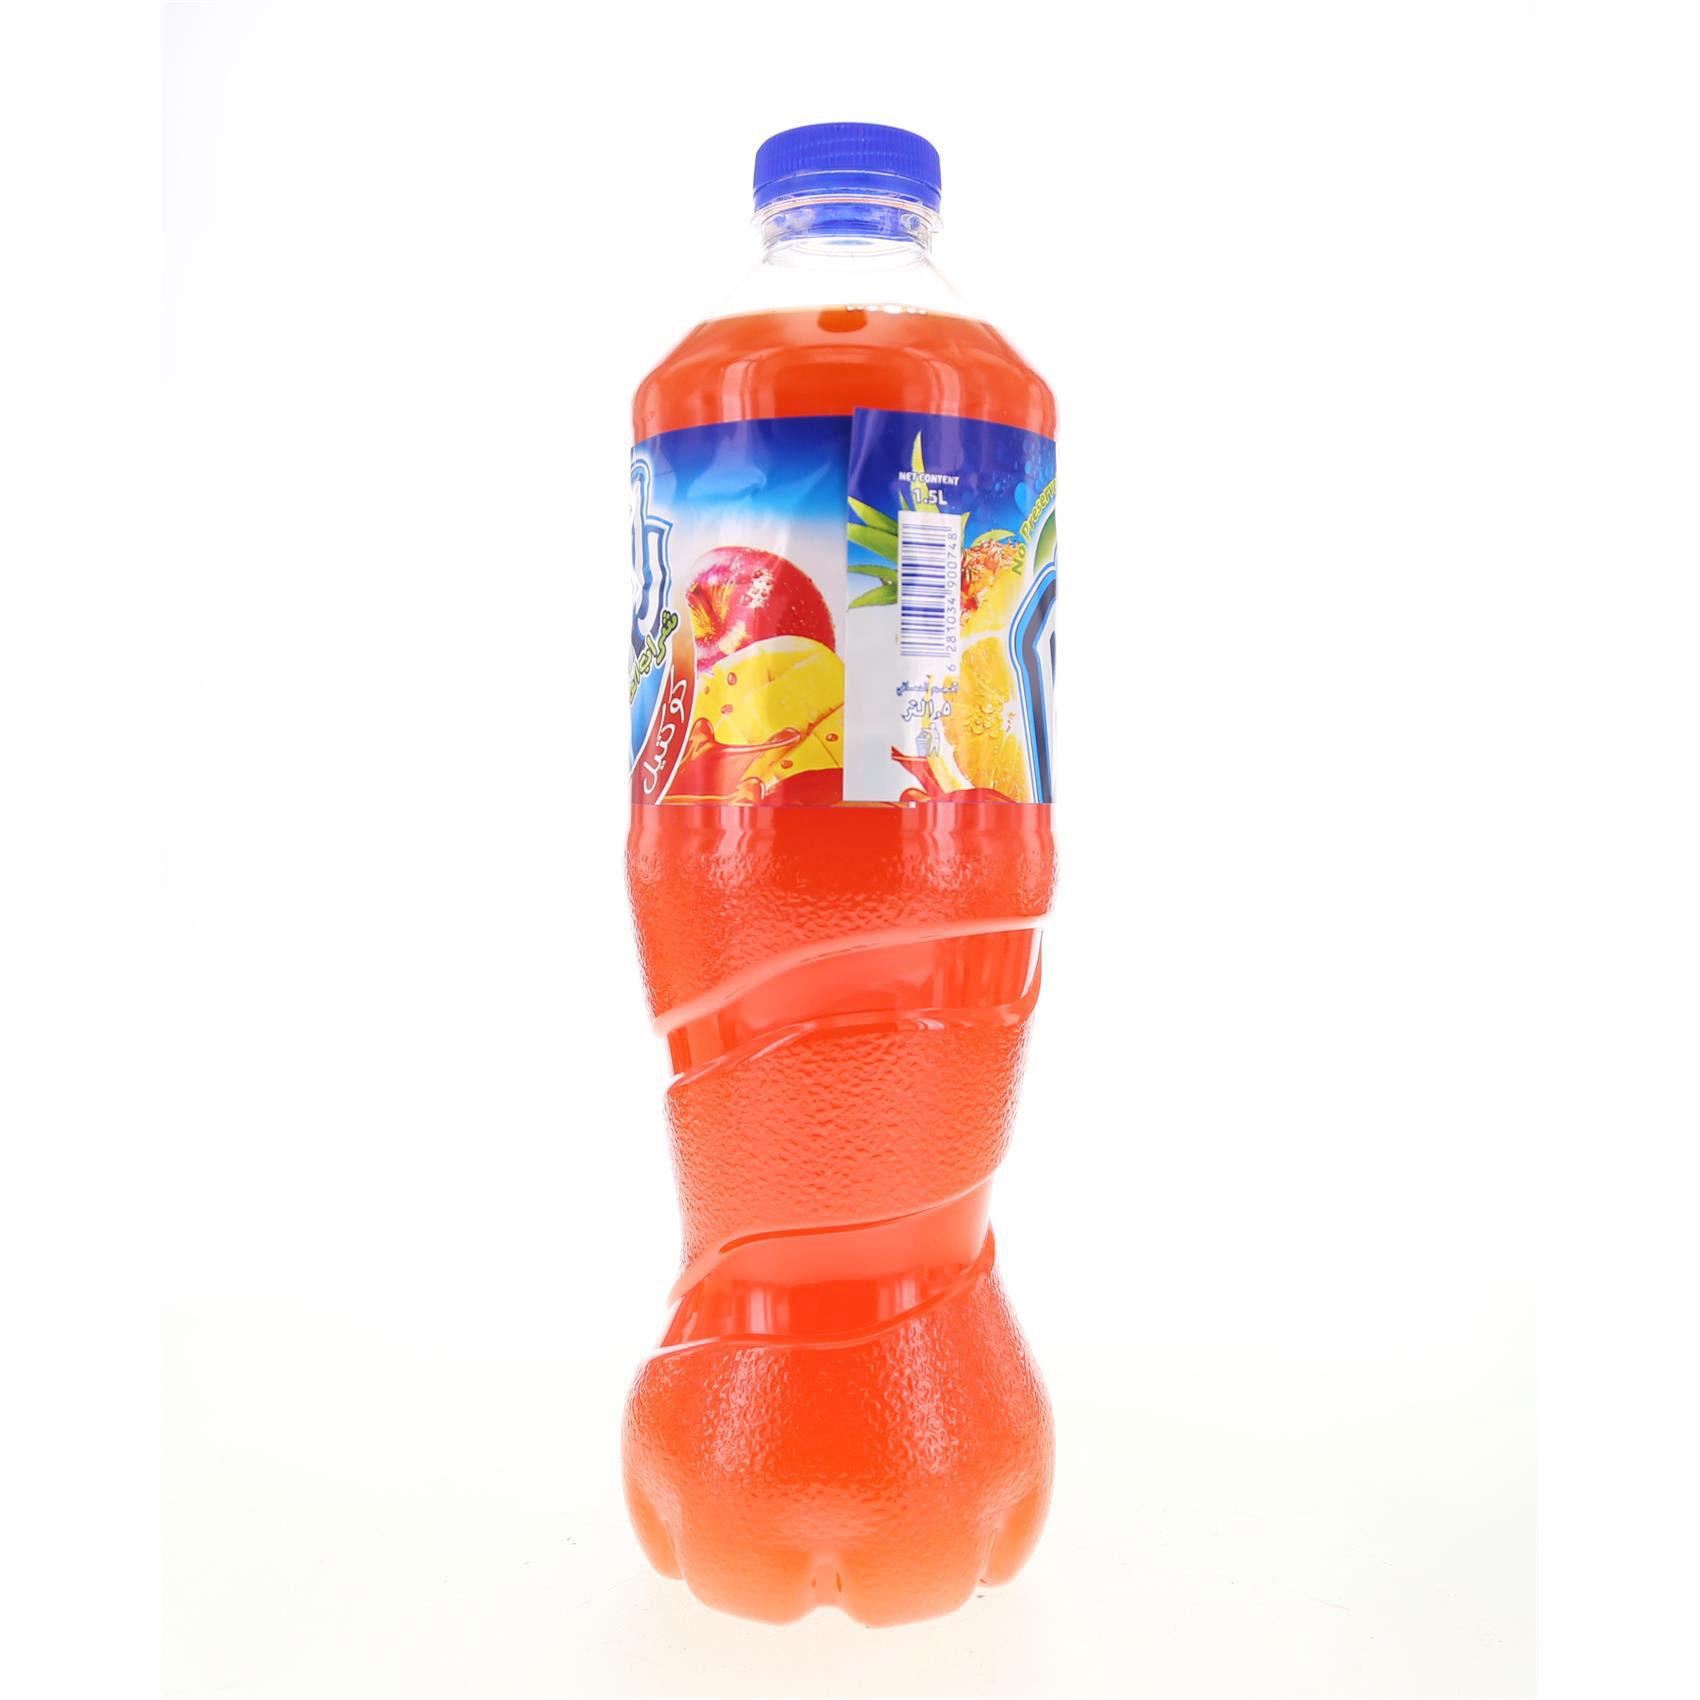 RANI COCKTAIL DRINK PET 1.5L